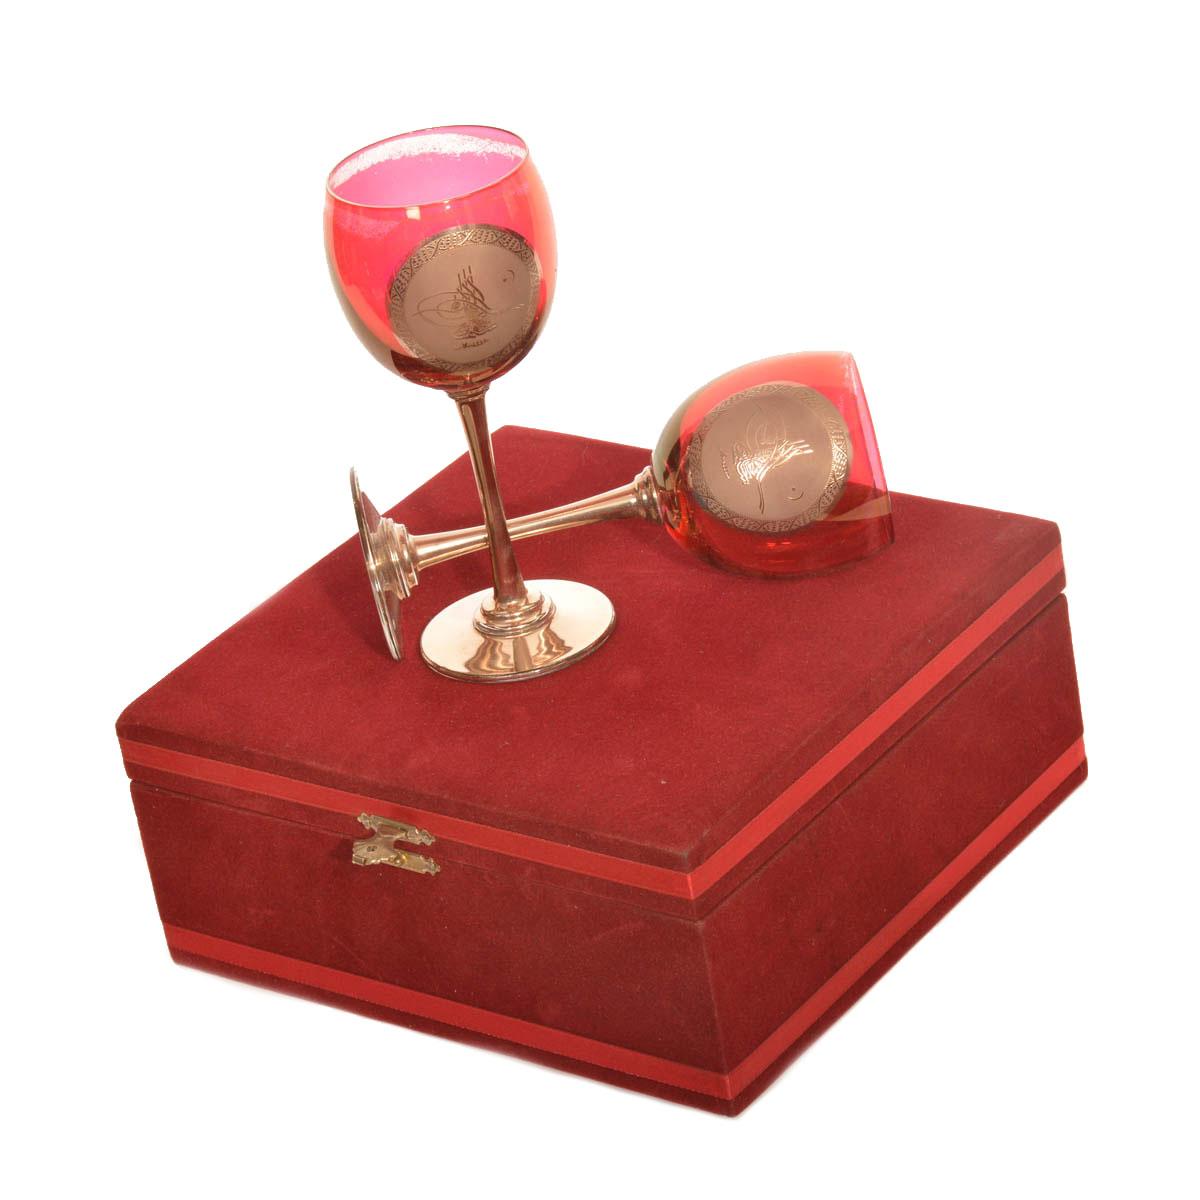 Kazim κασετίνα Σετ 2 Κρυστάλλινων ποτηριών κρασιού